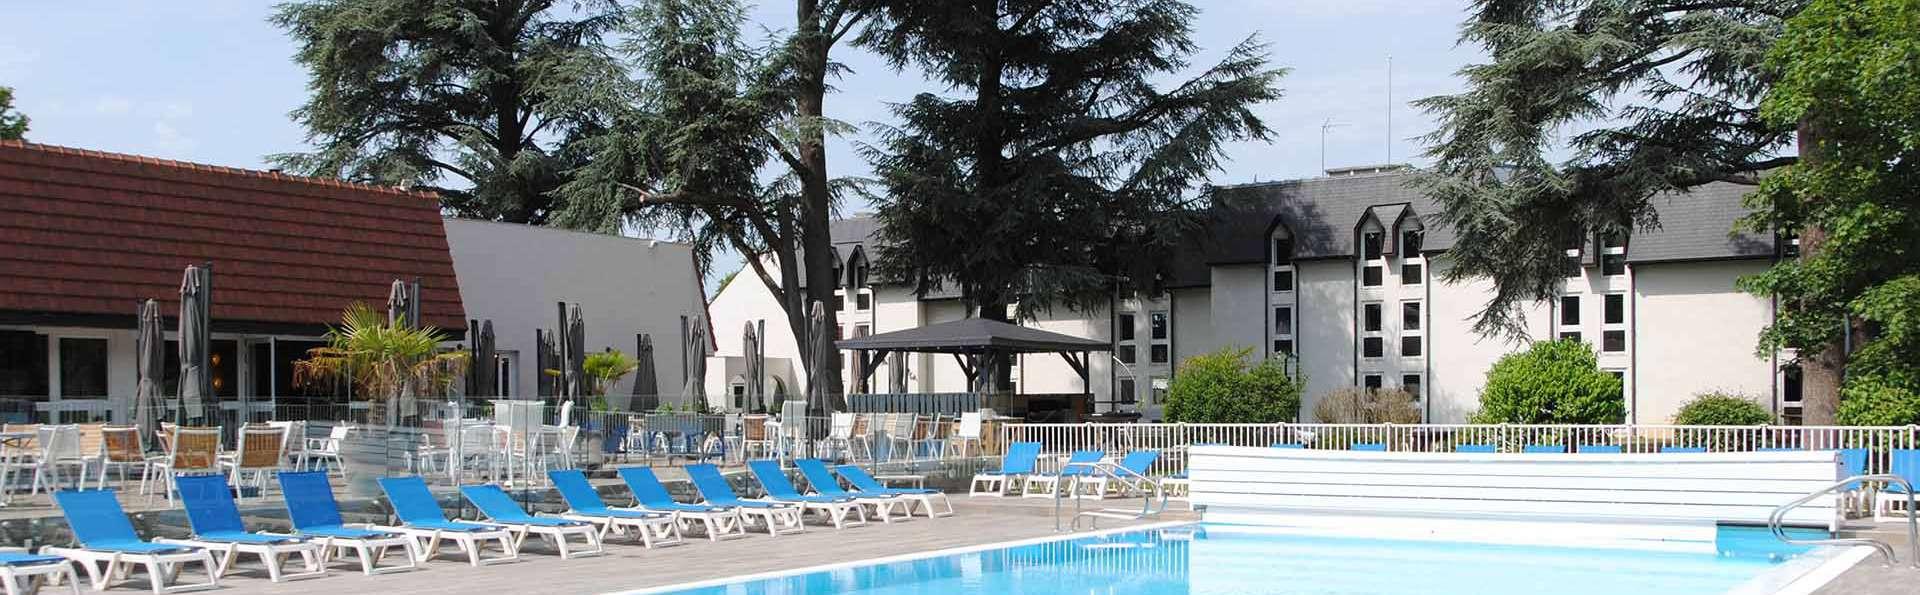 Demeure De Campagne Parc Du Coudray - EDIT_Piscine_du_Coudray_01.jpg